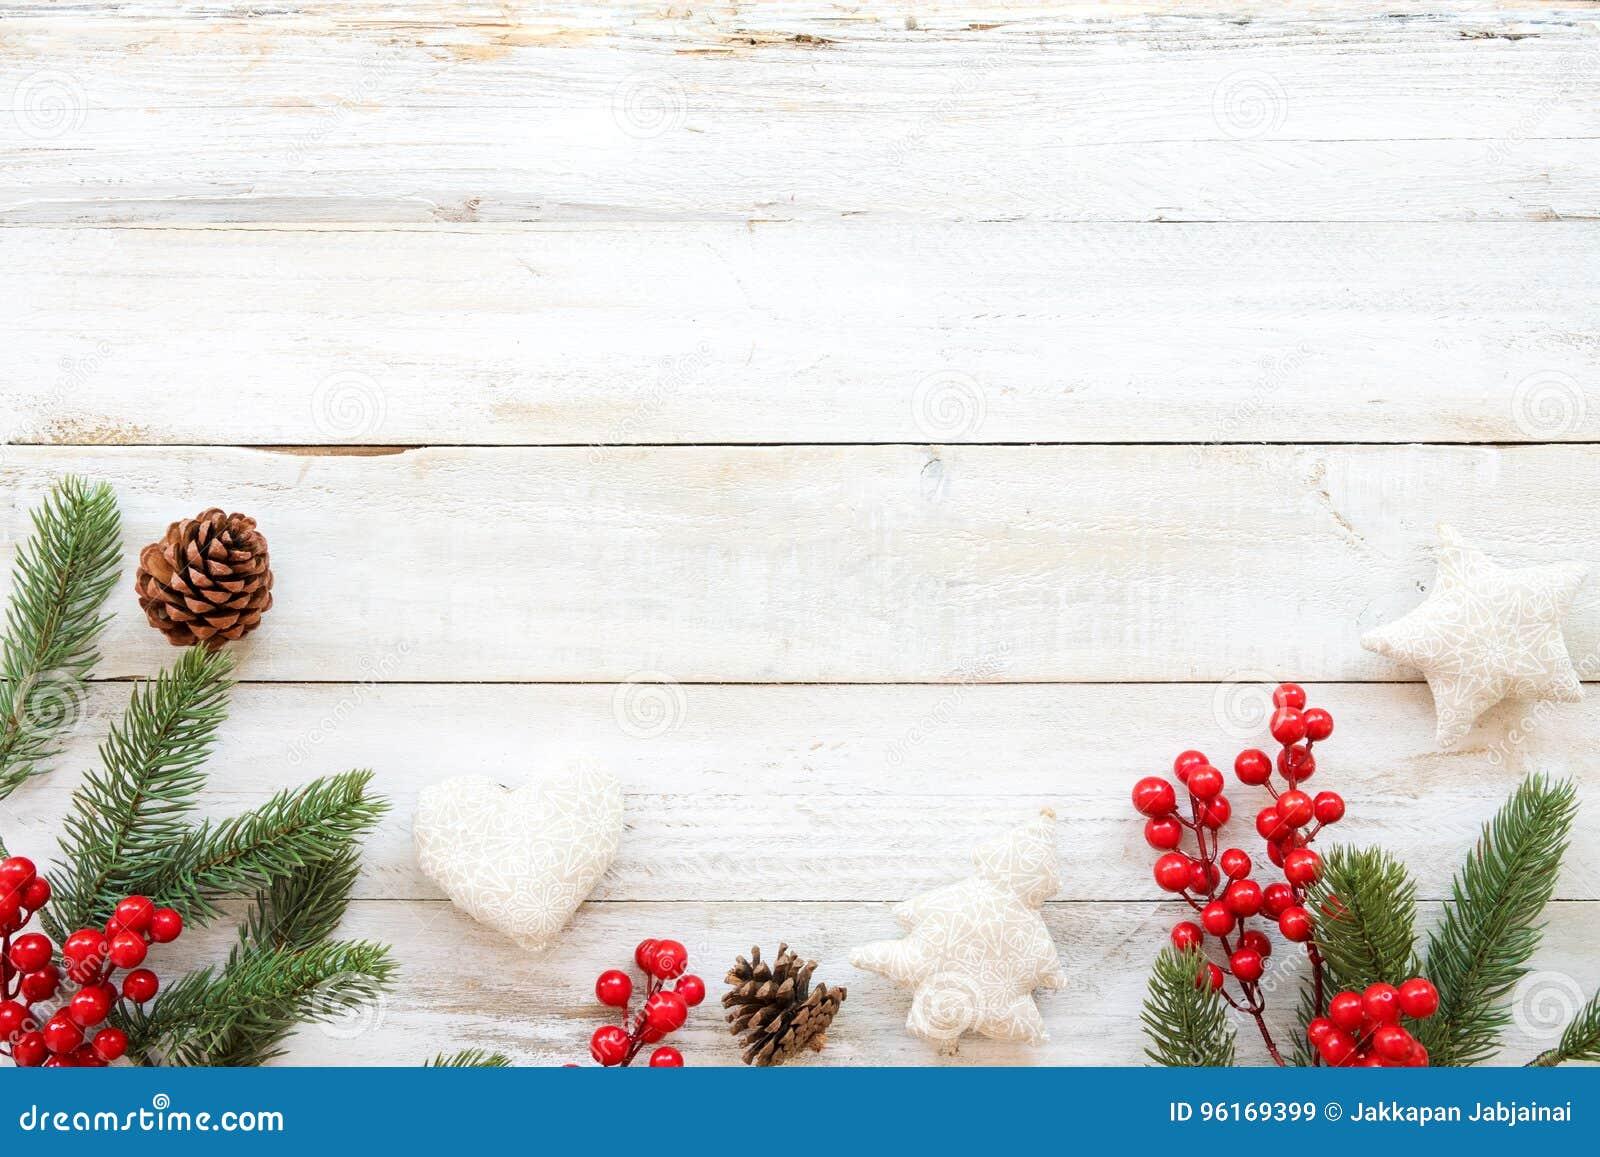 Υπόβαθρο θέματος Χριστουγέννων με τη διακόσμηση των στοιχείων και της διακόσμησης αγροτικών στον άσπρο ξύλινο πίνακα